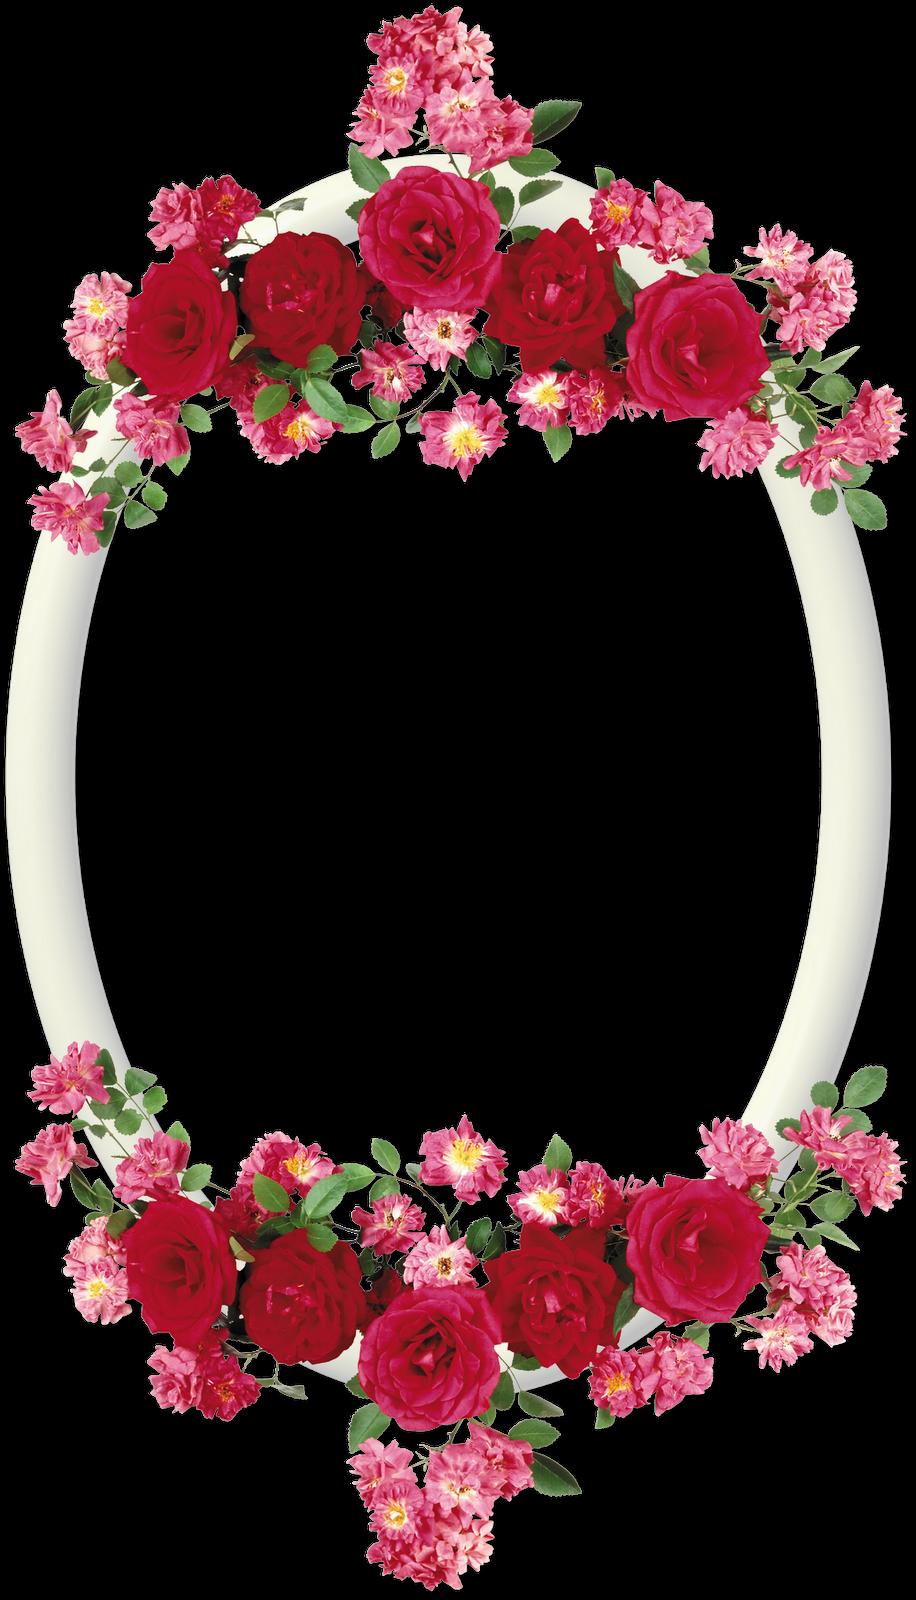 Marcos bonitos de flores imagui - Cuadros con marco blanco ...